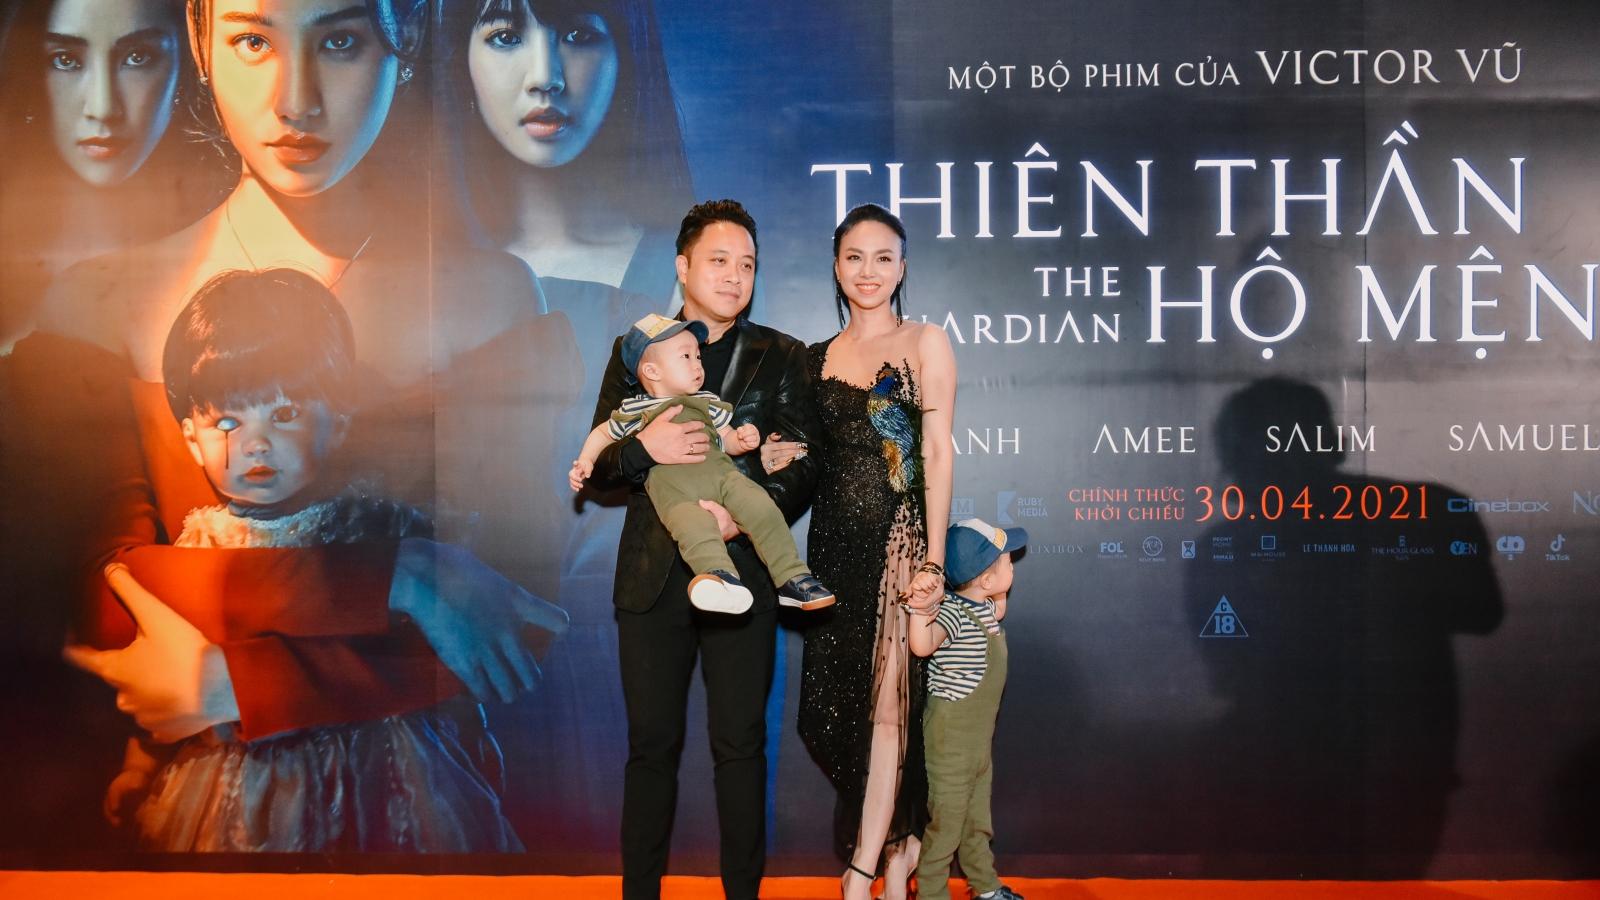 Vợ chồng Victor Vũ - Đinh Ngọc Diệp đưa 2 con trai đến họp báo ra mắt phim